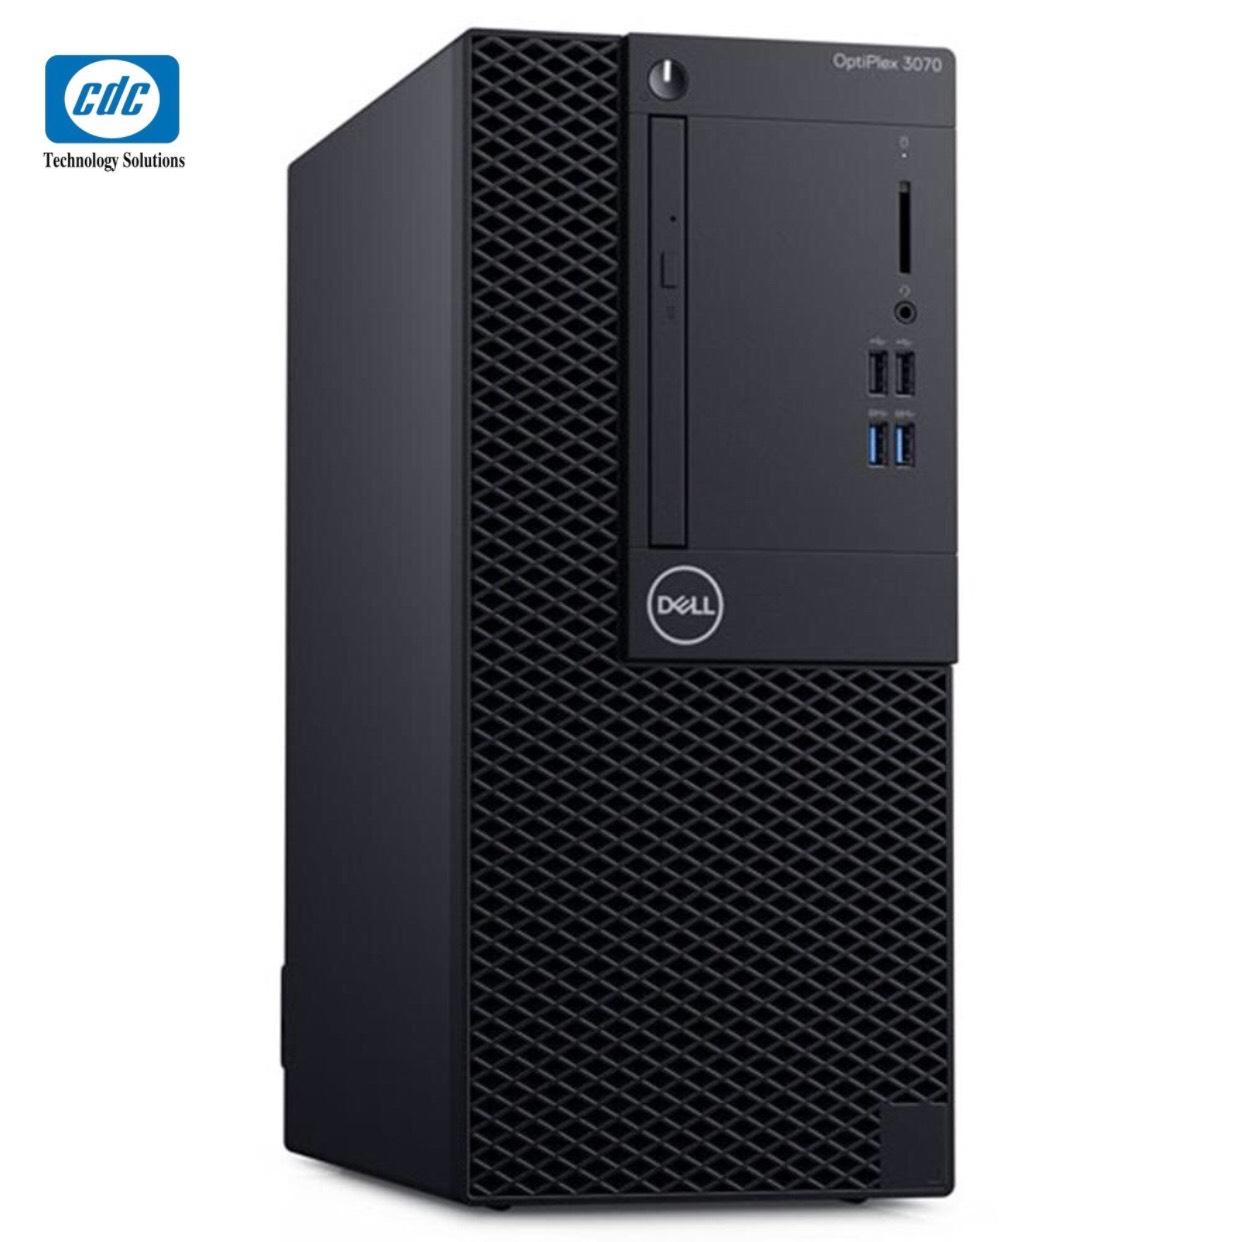 Máy tính để bàn Dell OptiPlex 3070MT (3070MT-i391-4G1TBKHDD)